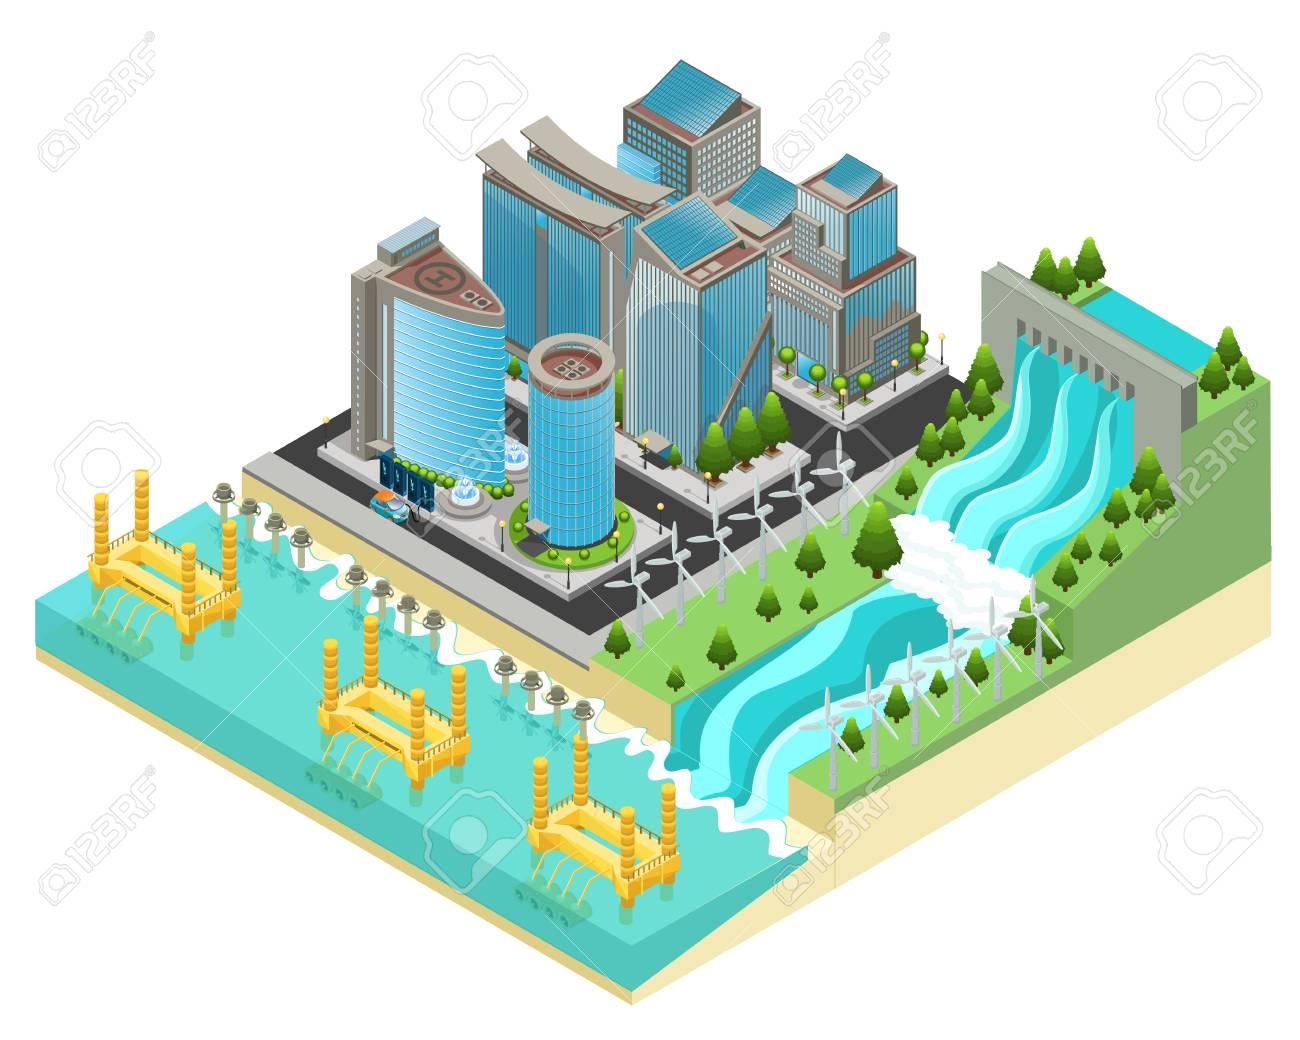 Isometric Eco City Template - 90373806